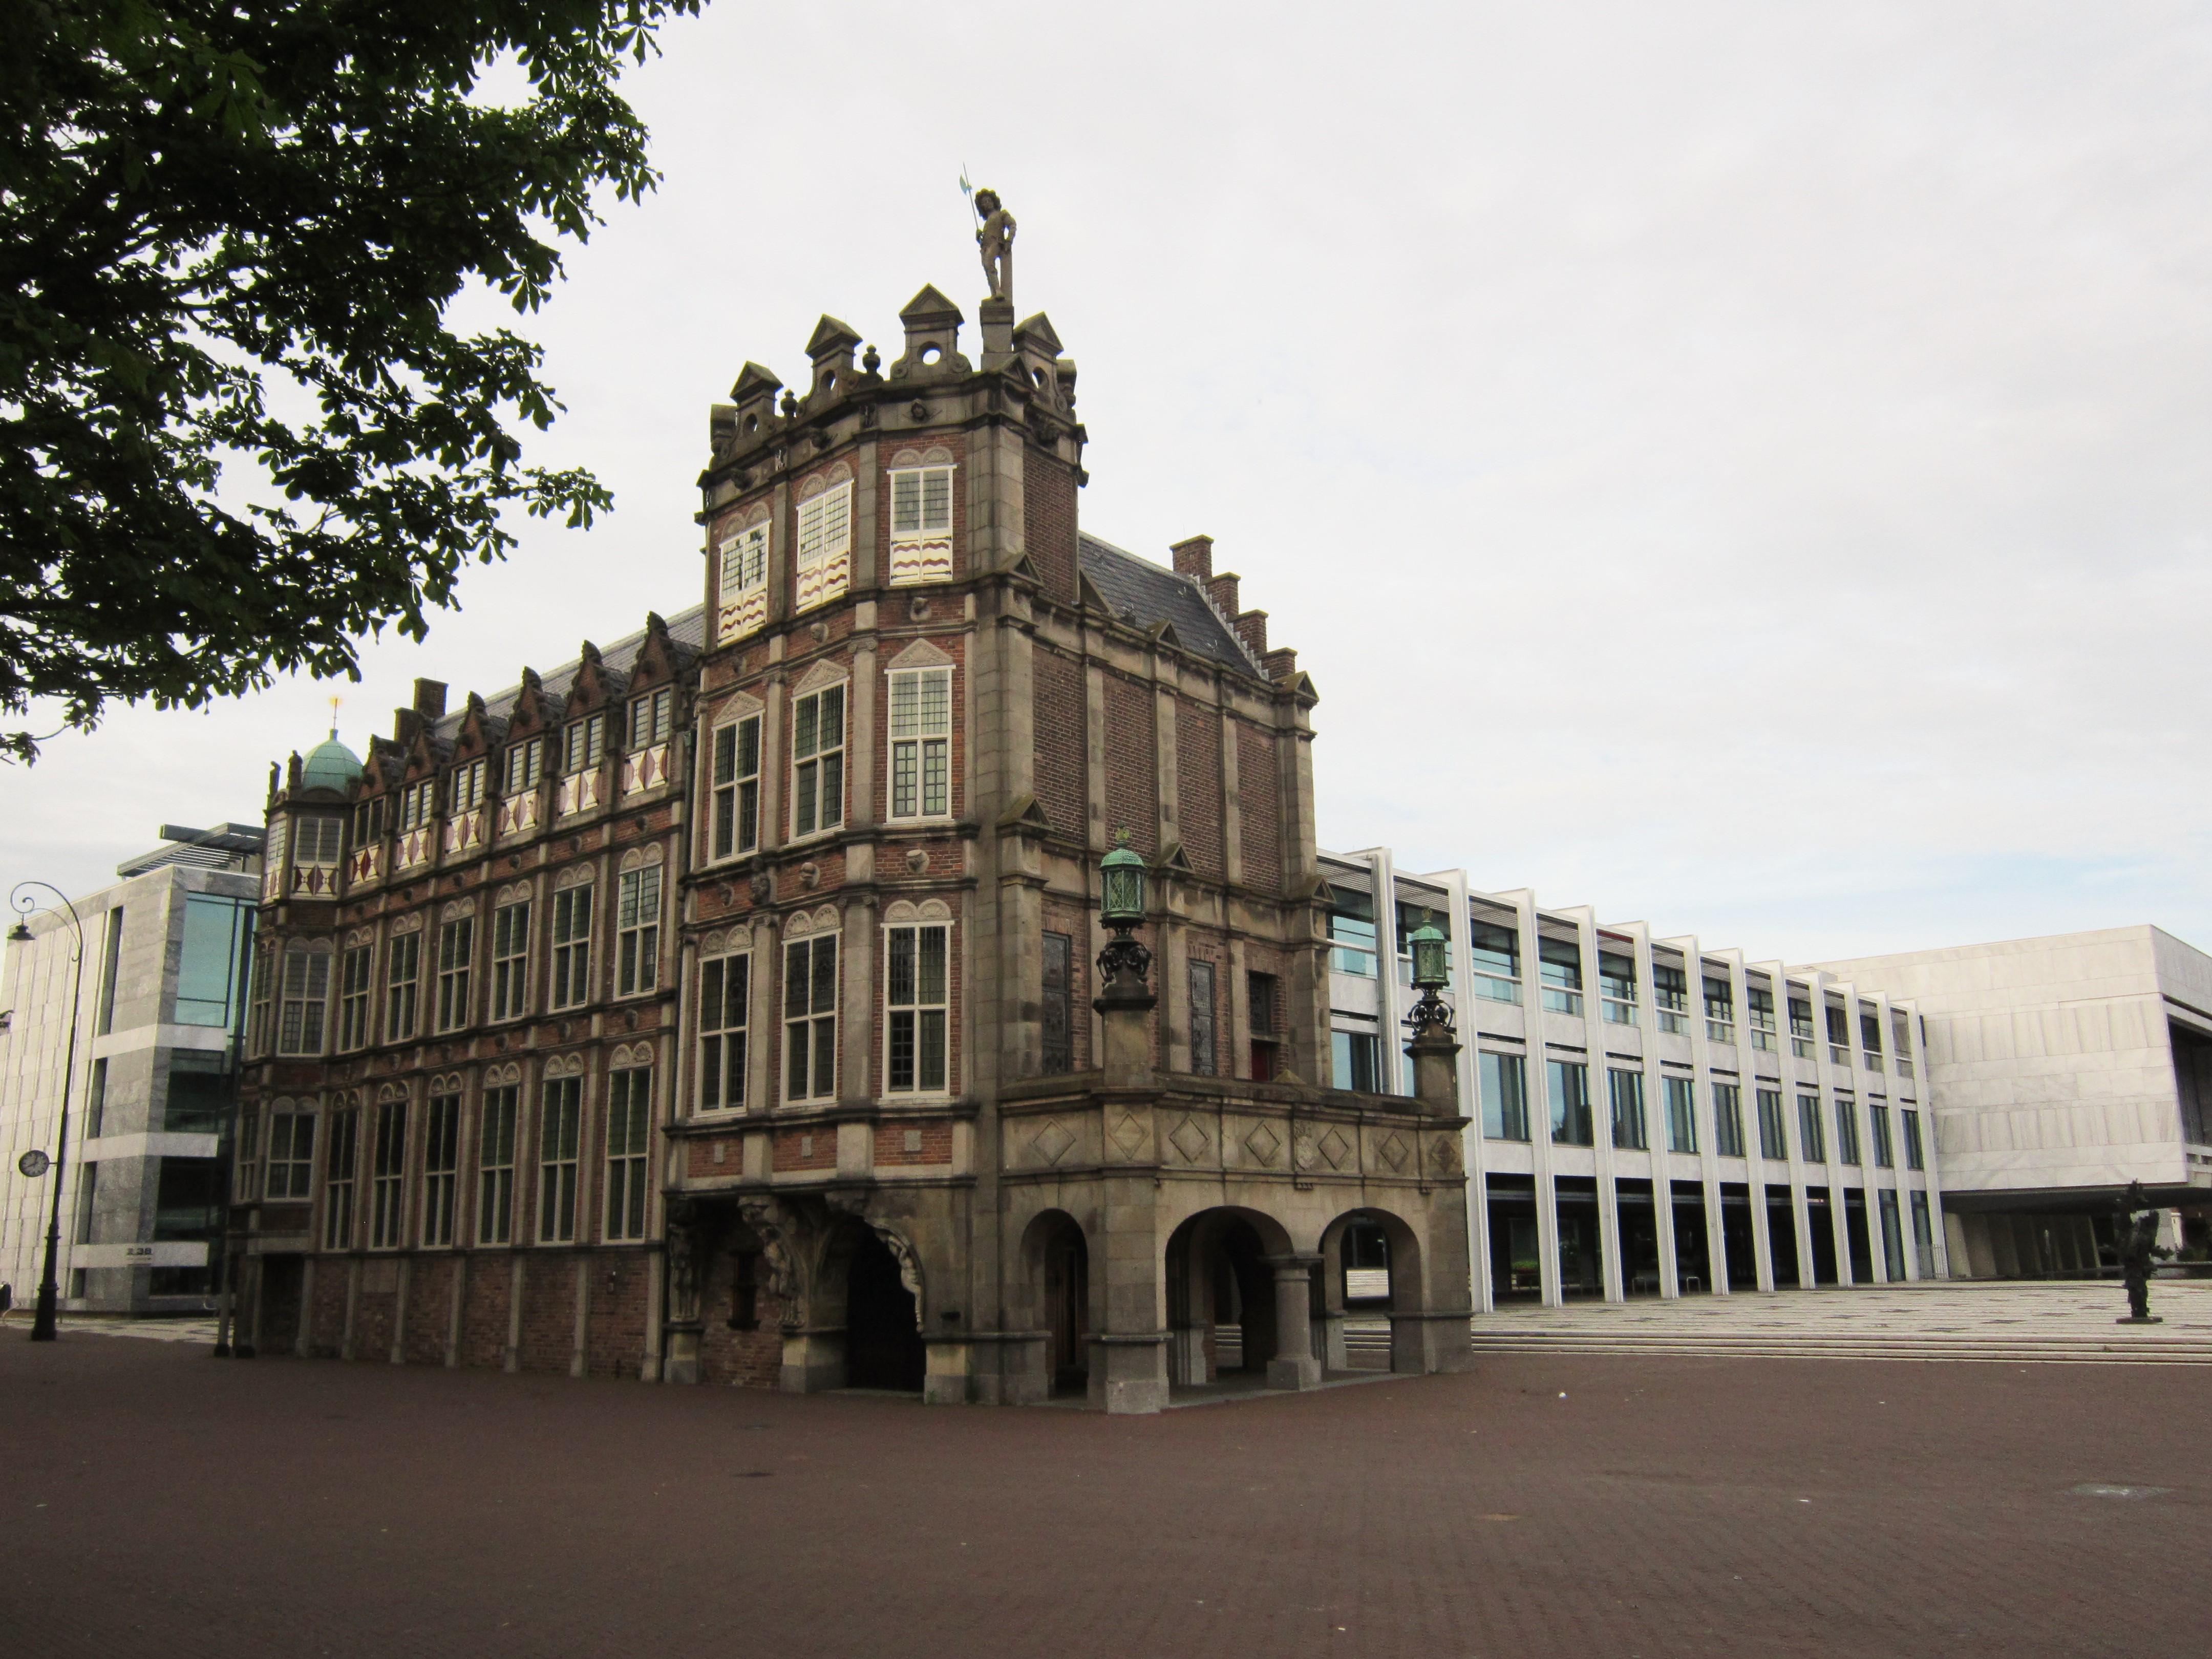 Arnhem bezienswaardigheden architectuur stedentrip citytrip Nederland dagje weg dagje uit verrassing